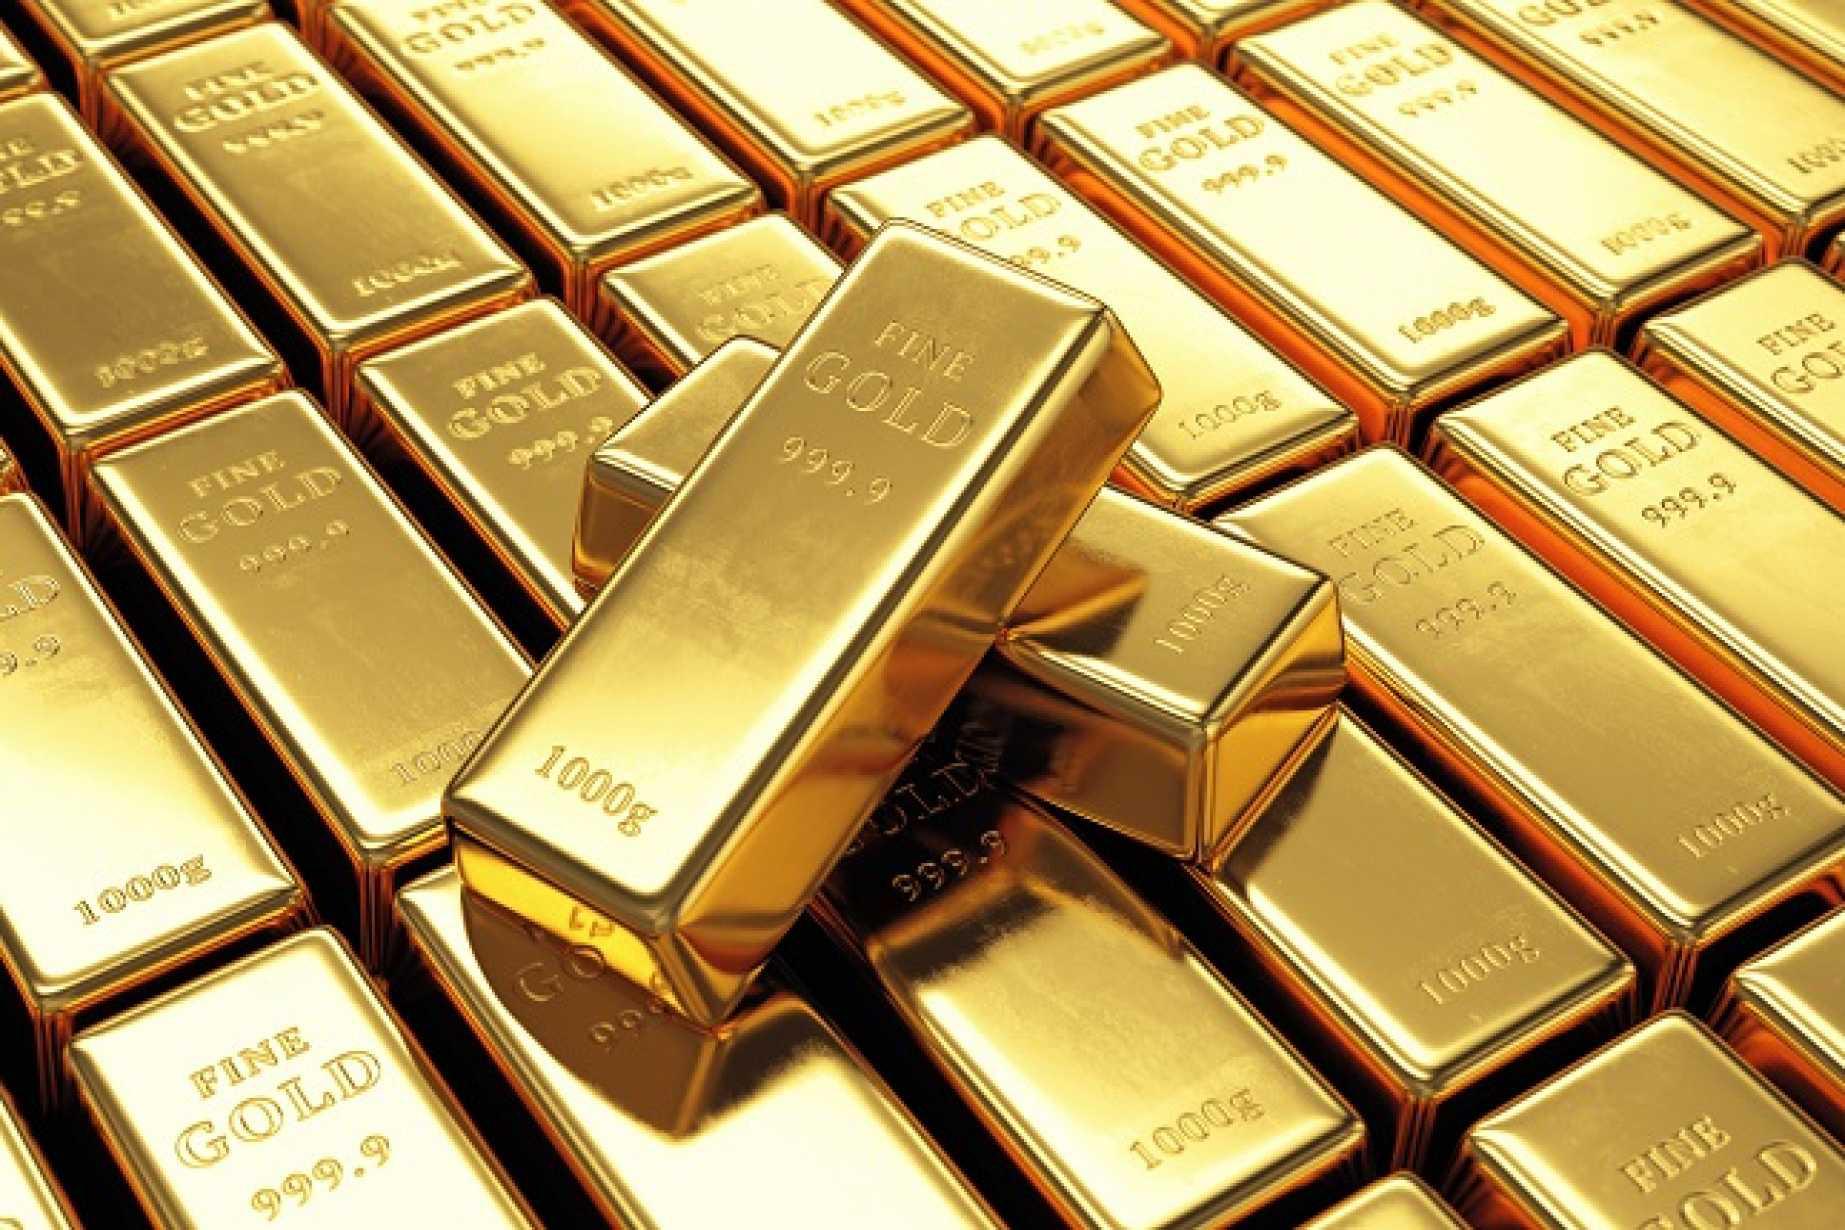 Giới nhà giàu chật vật gom vàng thỏi trong mùa dịch Covid-19 - Ảnh 1.